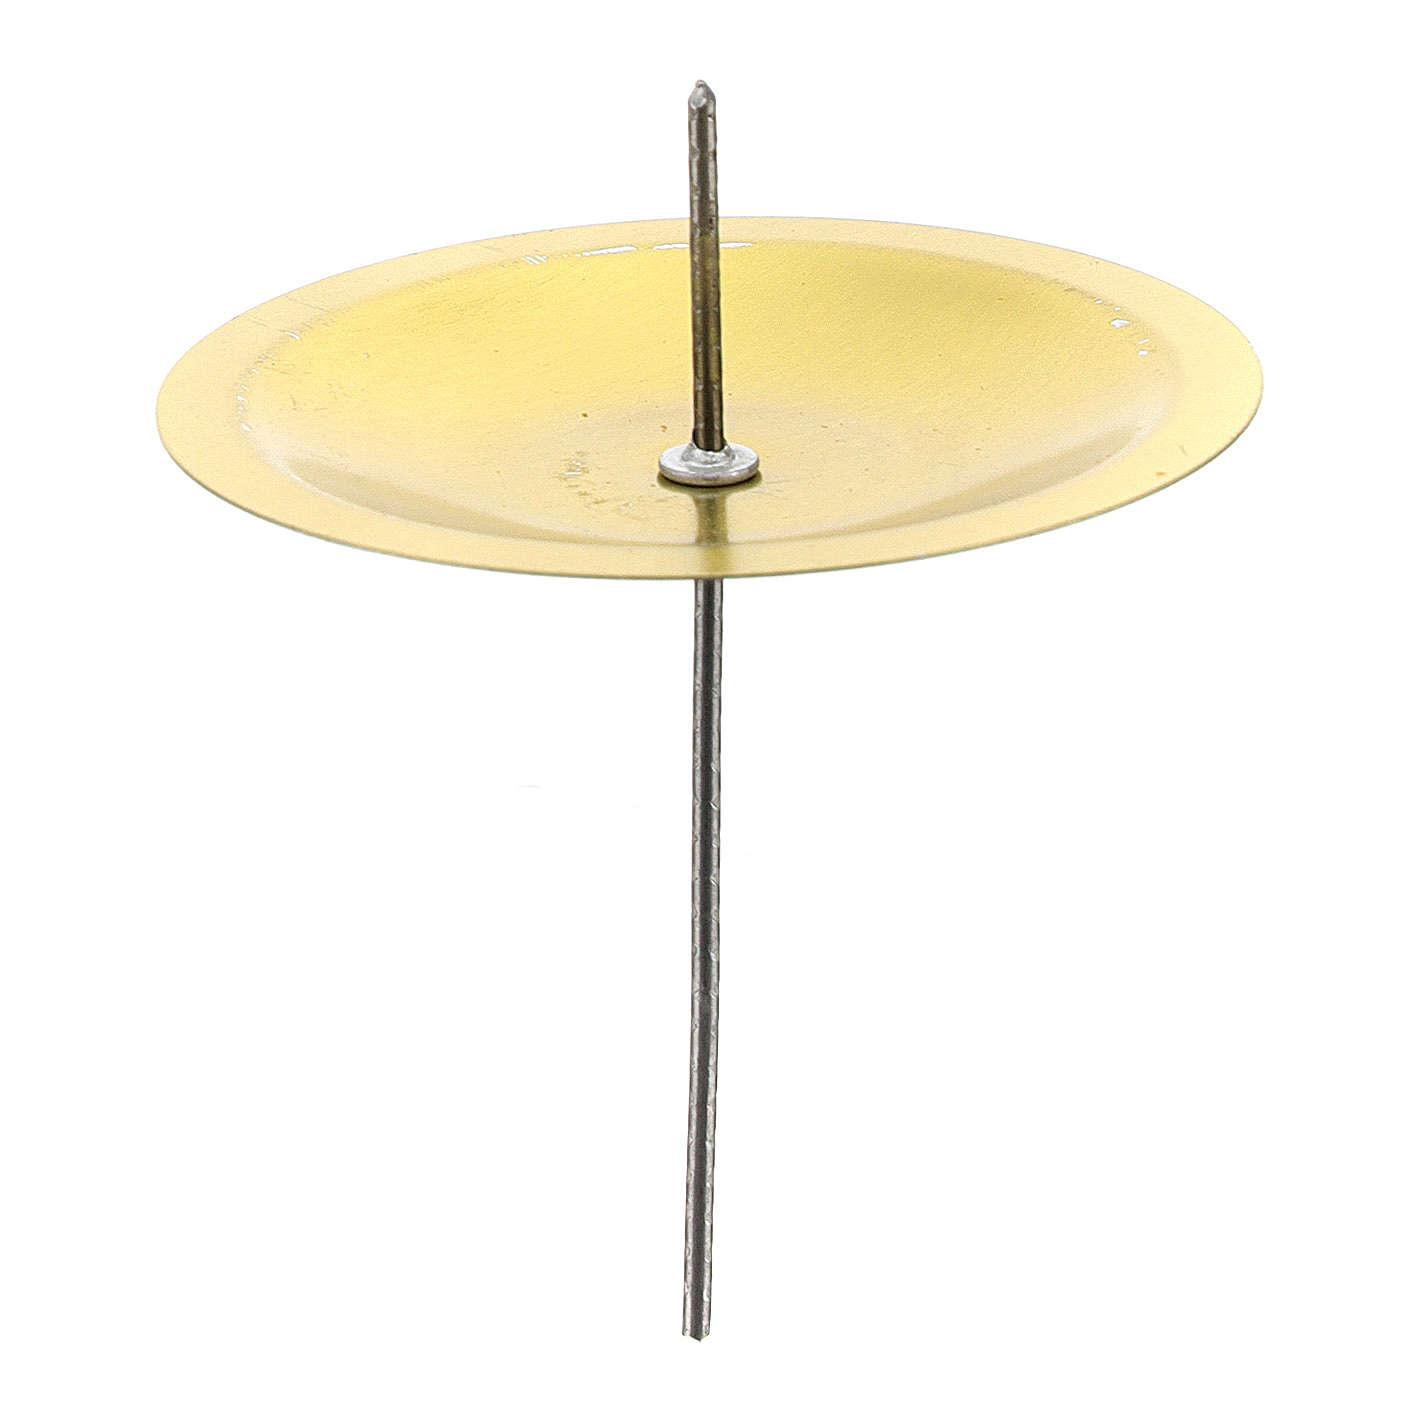 Gniazda Podstawki pod świecę na Adwent zestaw 4 szt mosiądz pozłacany śr. 5 cm 3